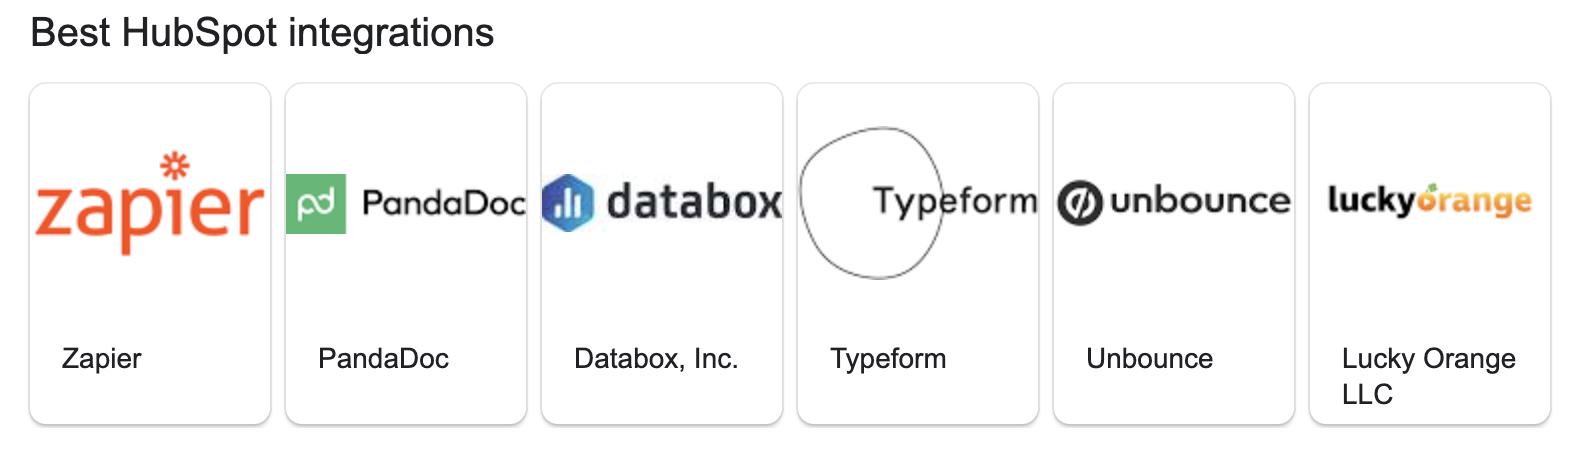 Best HubSpot integrations